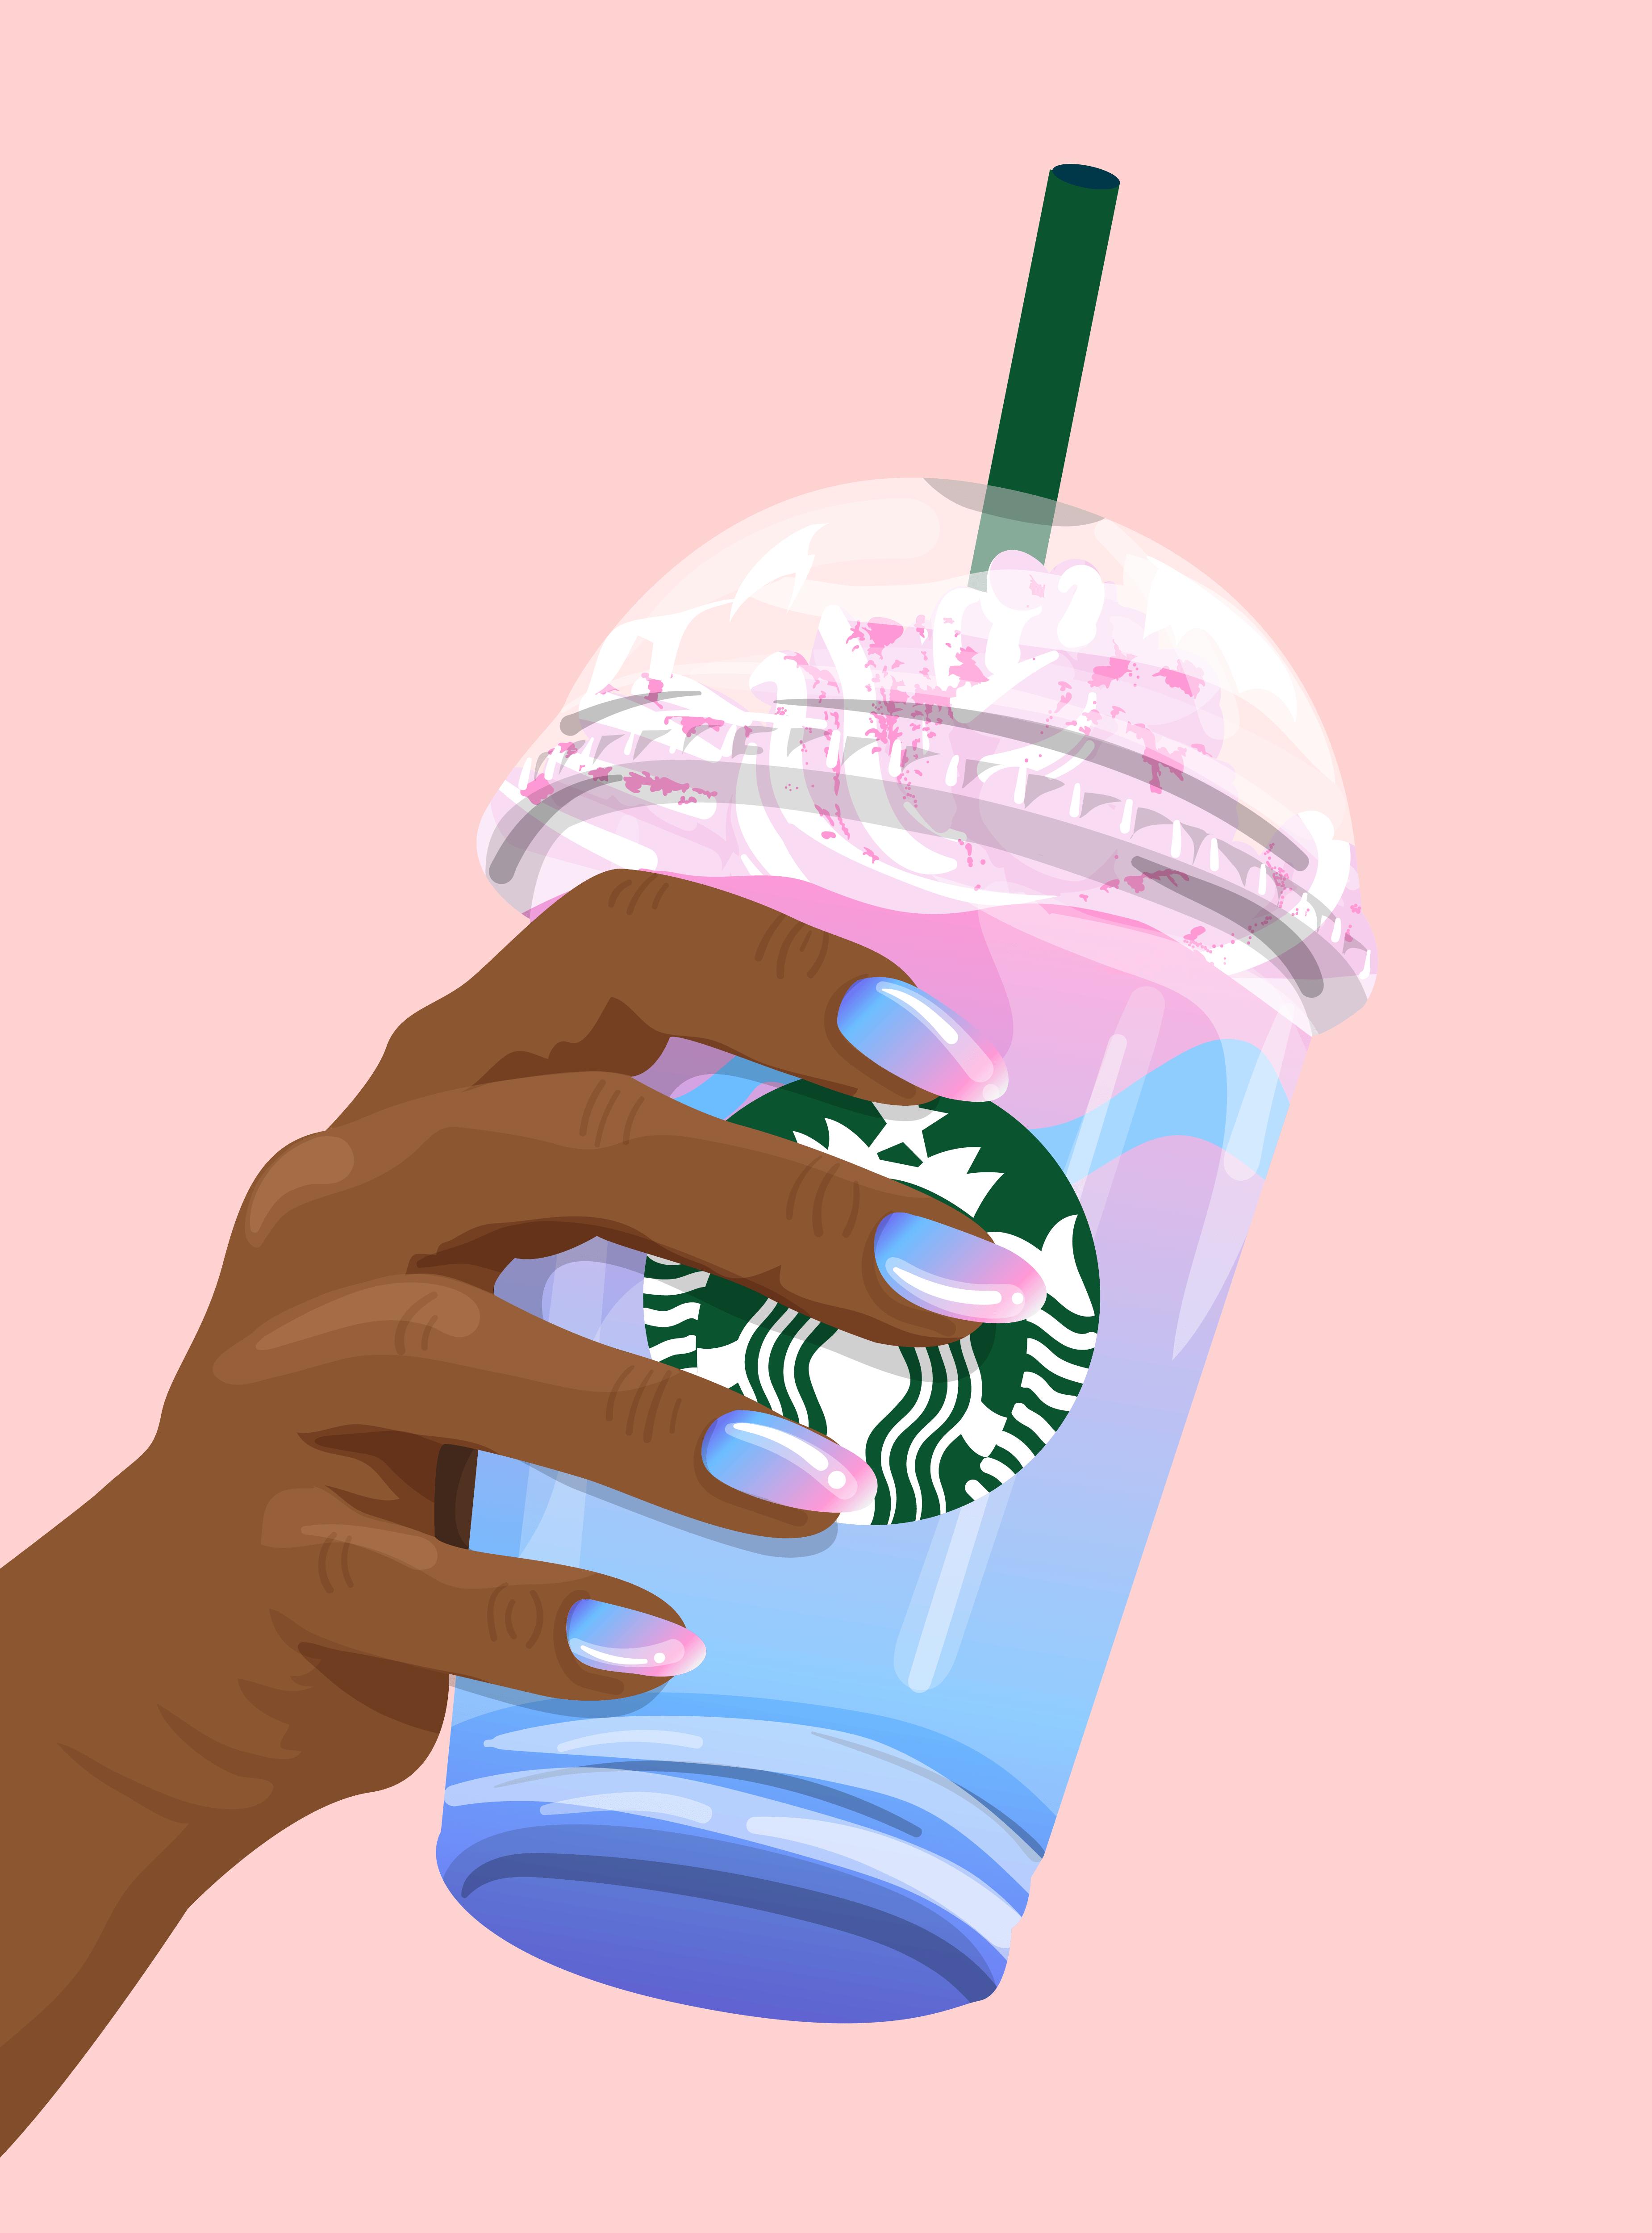 Unicorn Starbucks Wallpapers